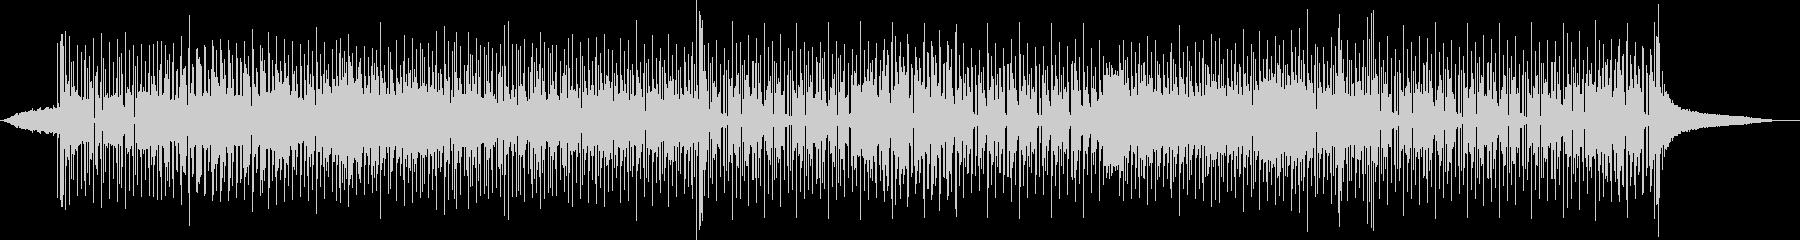 レトロなファンキーディスコの未再生の波形